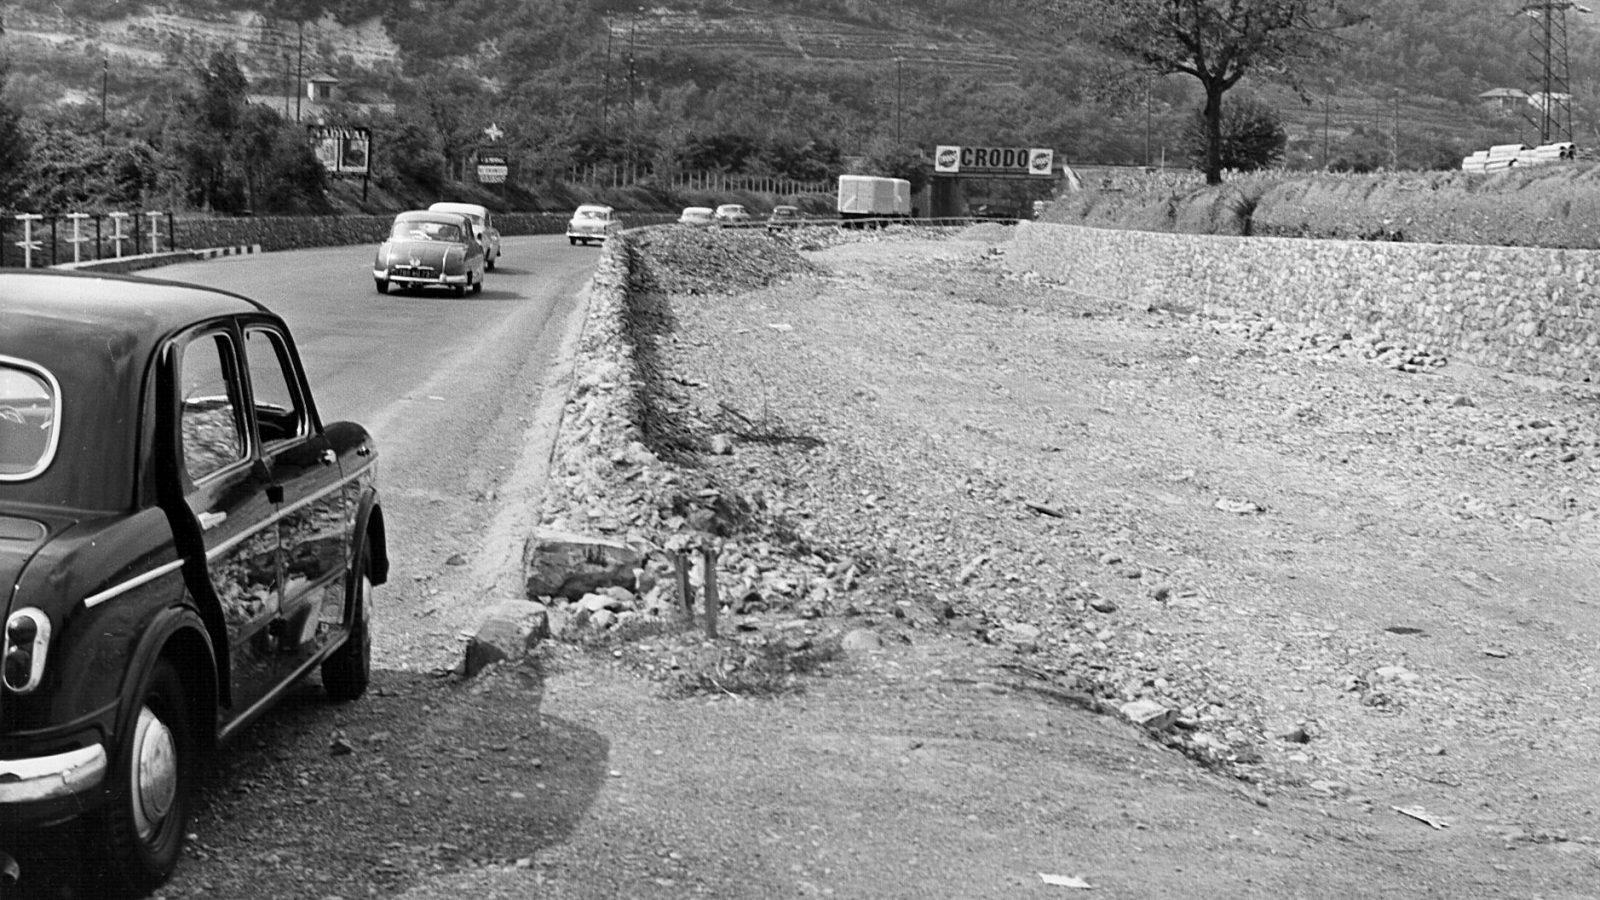 Liguria, autocamionale autostrada A7, 1959 (Archivio storico Anas)